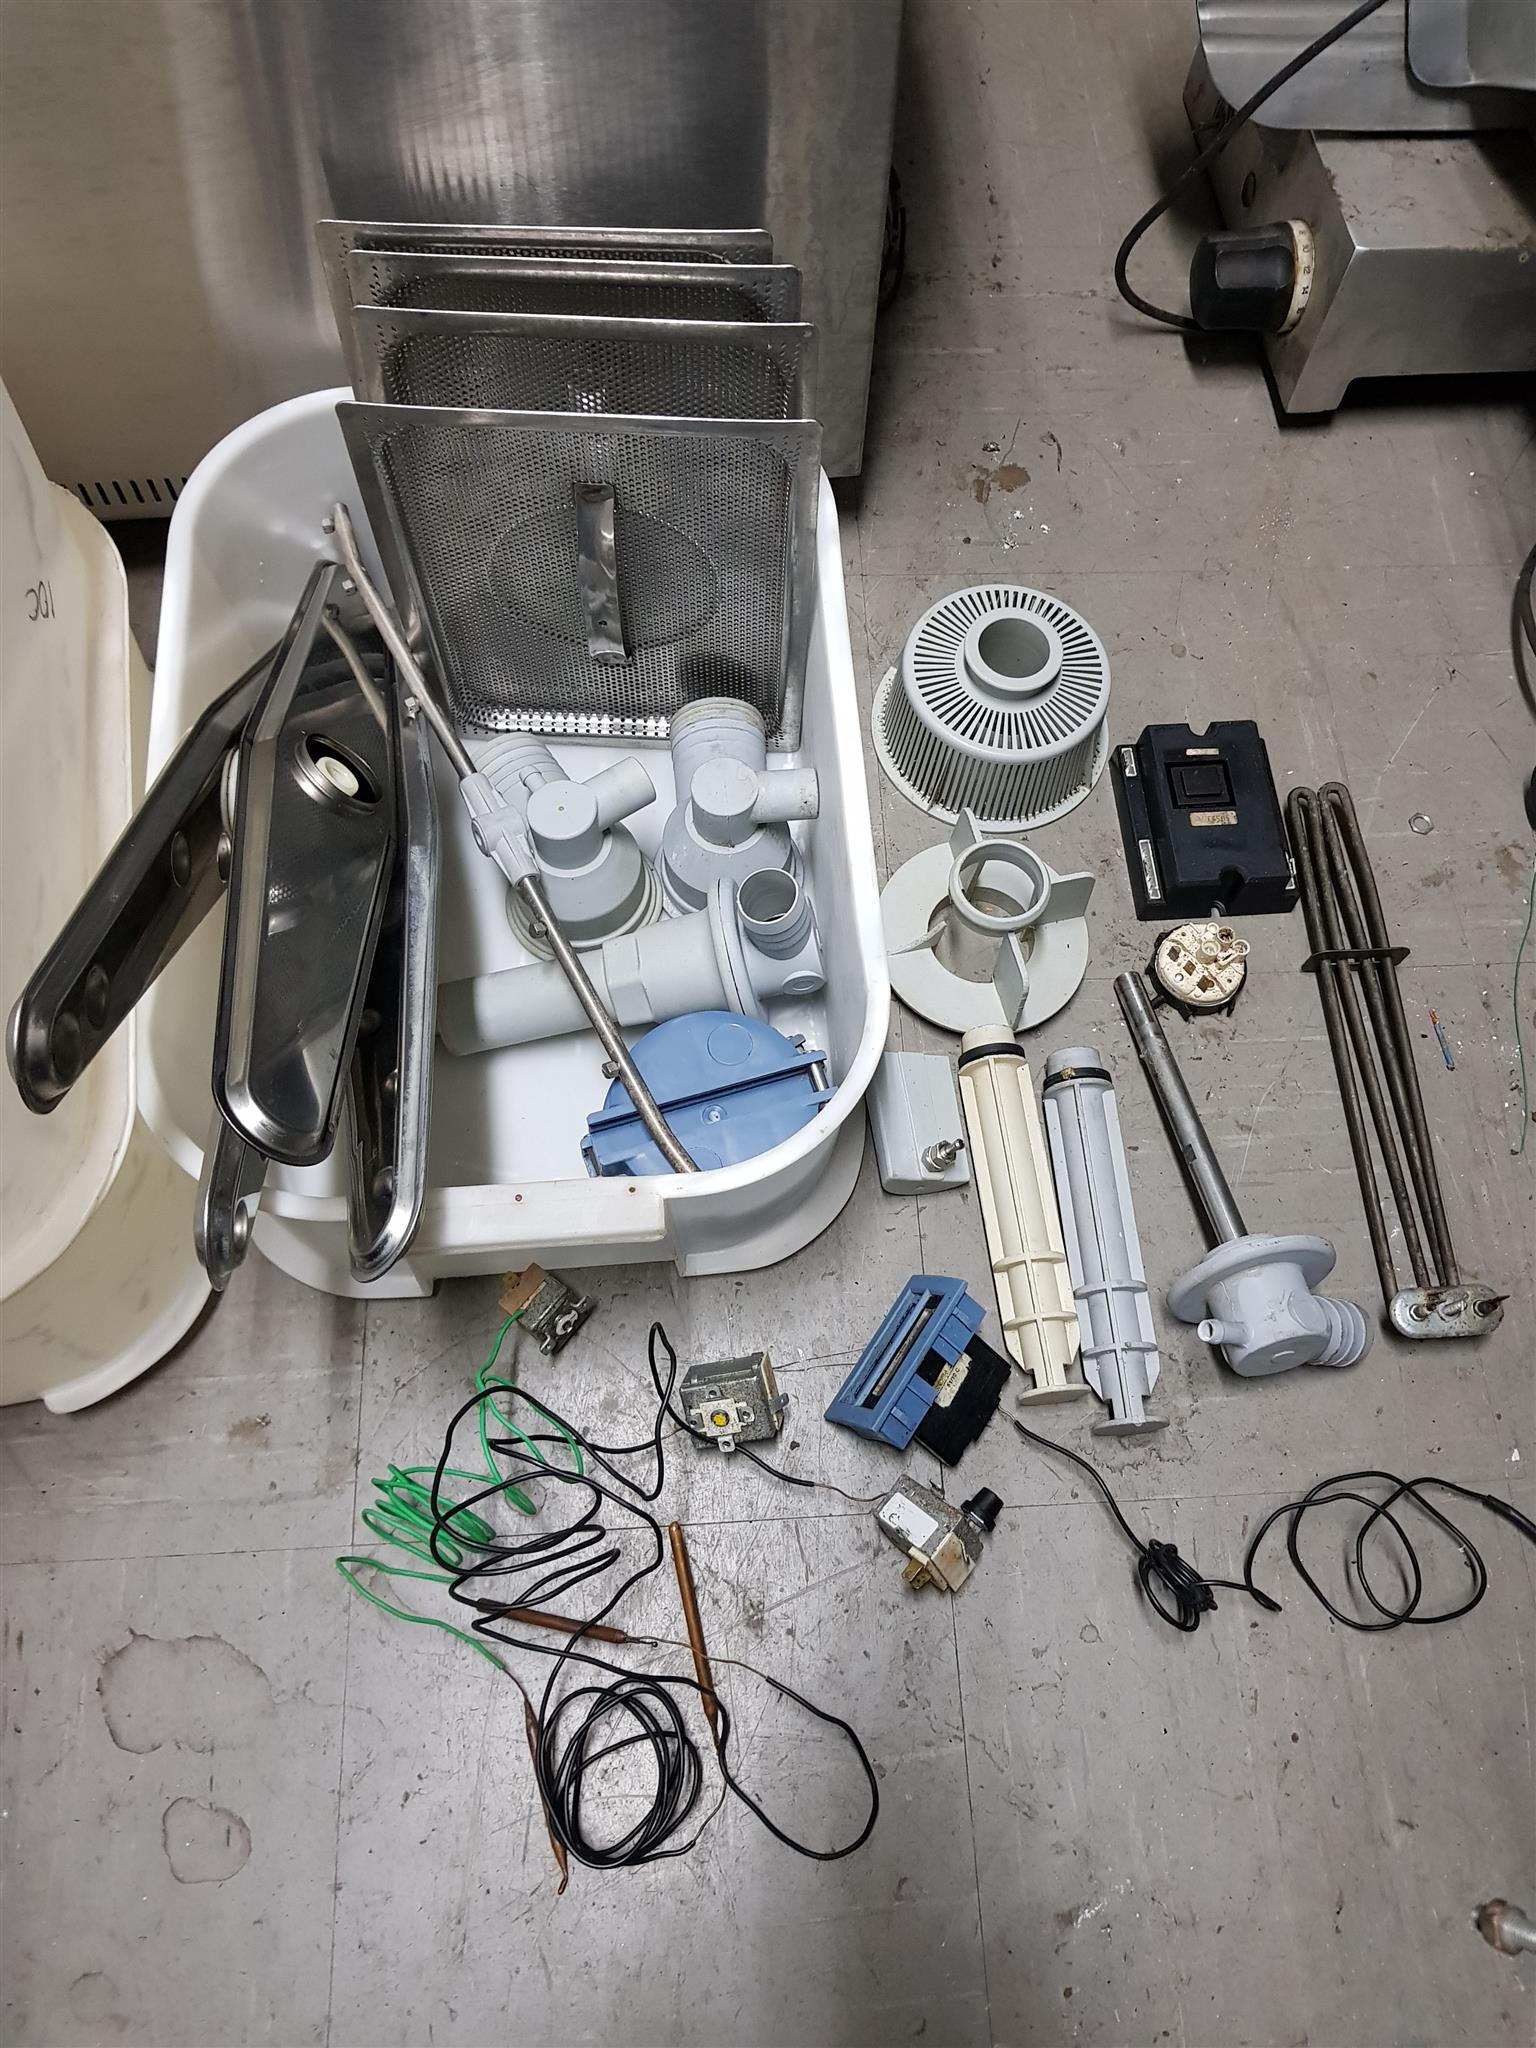 DIHR - dishwasher spares